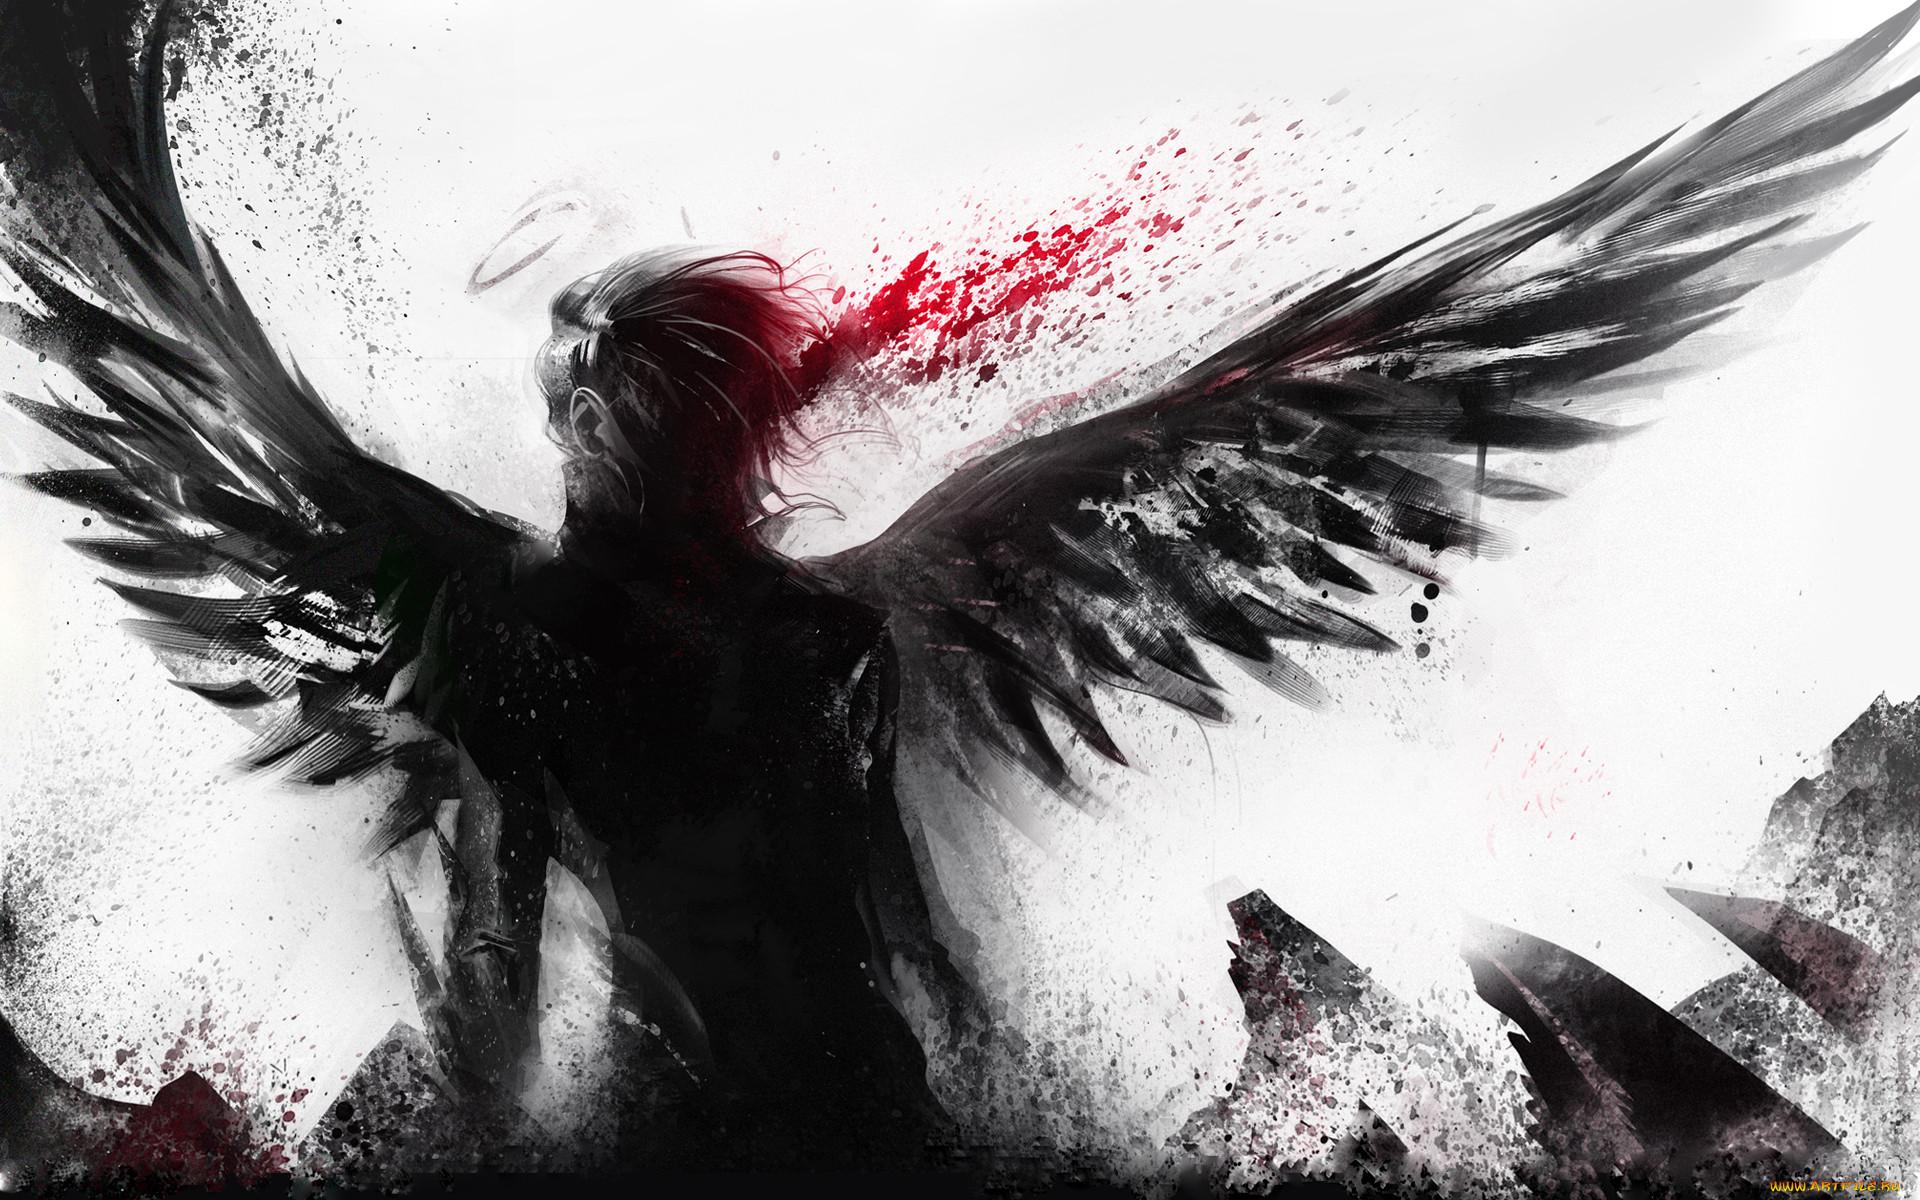 крутой пацан с крыльями картинки такое имя